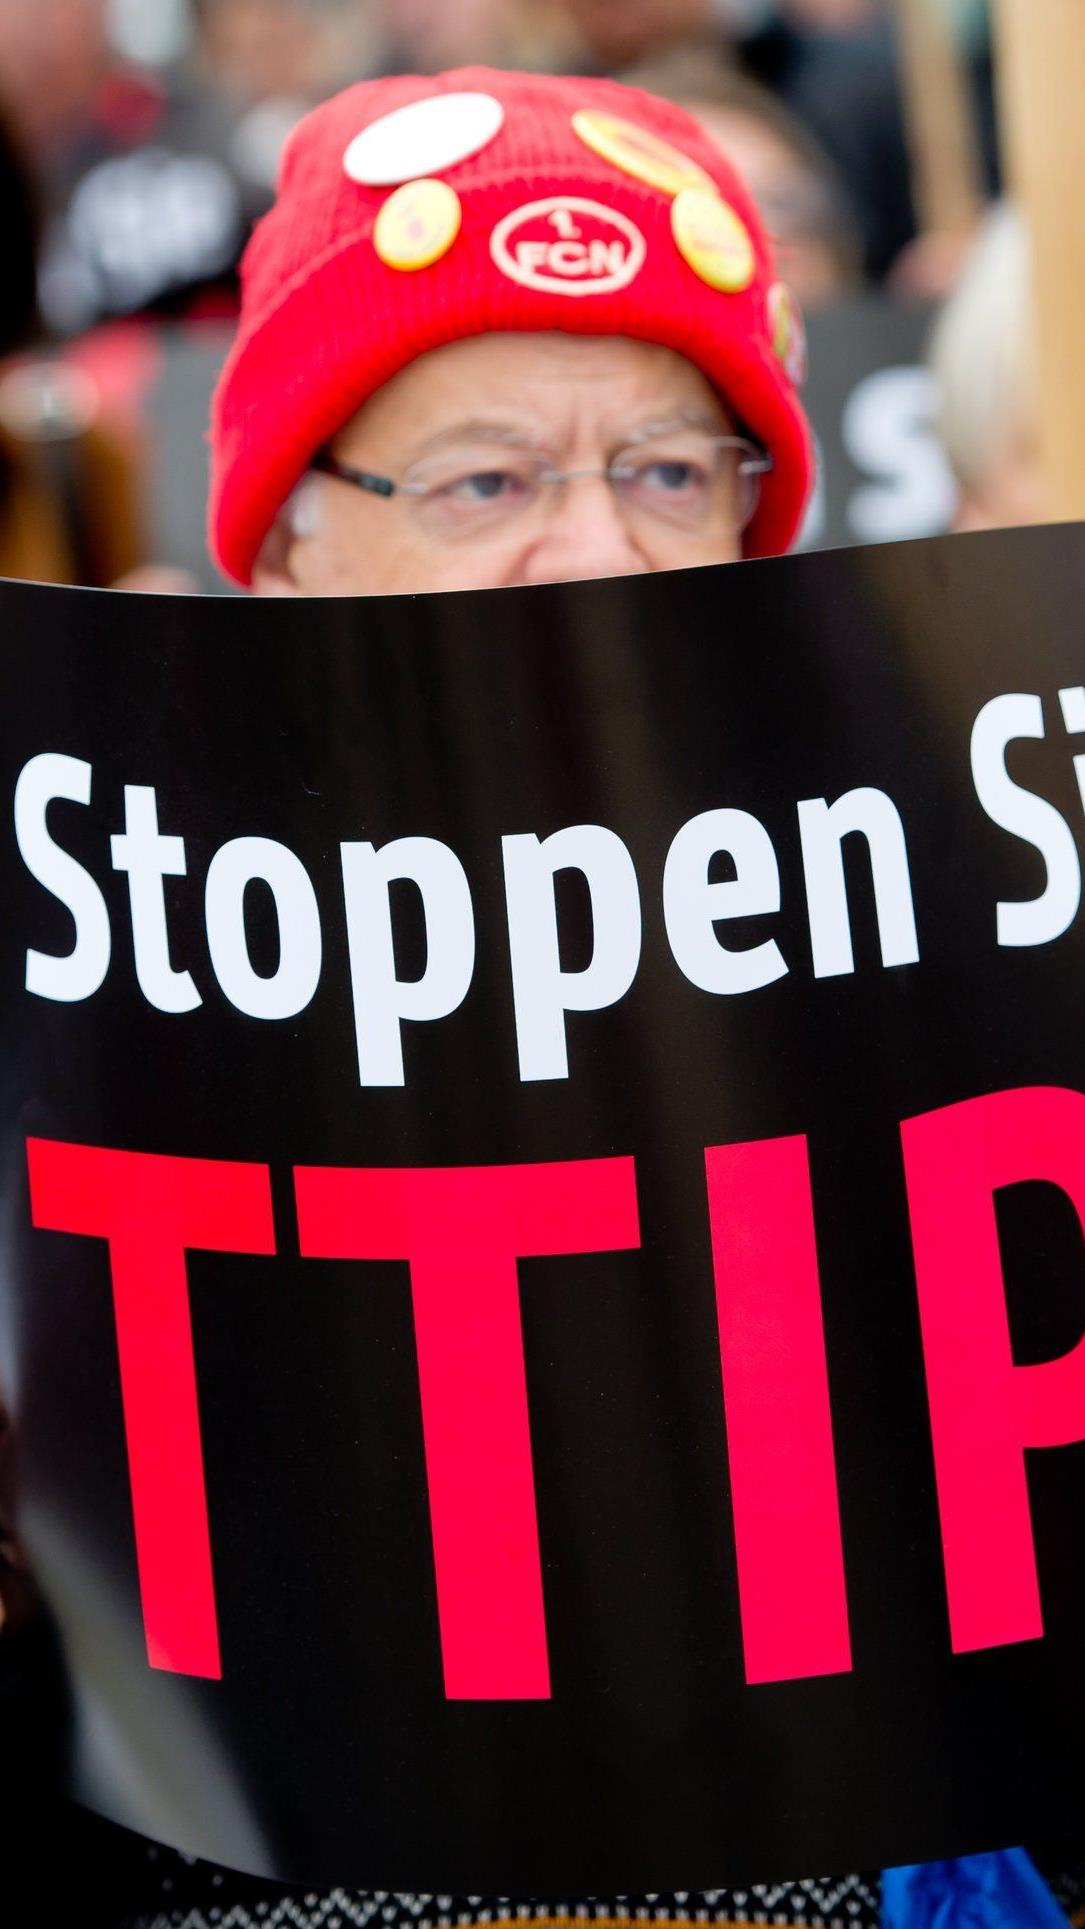 Erstmals TTIP-Gespräche unter neuer EU-Kommission.